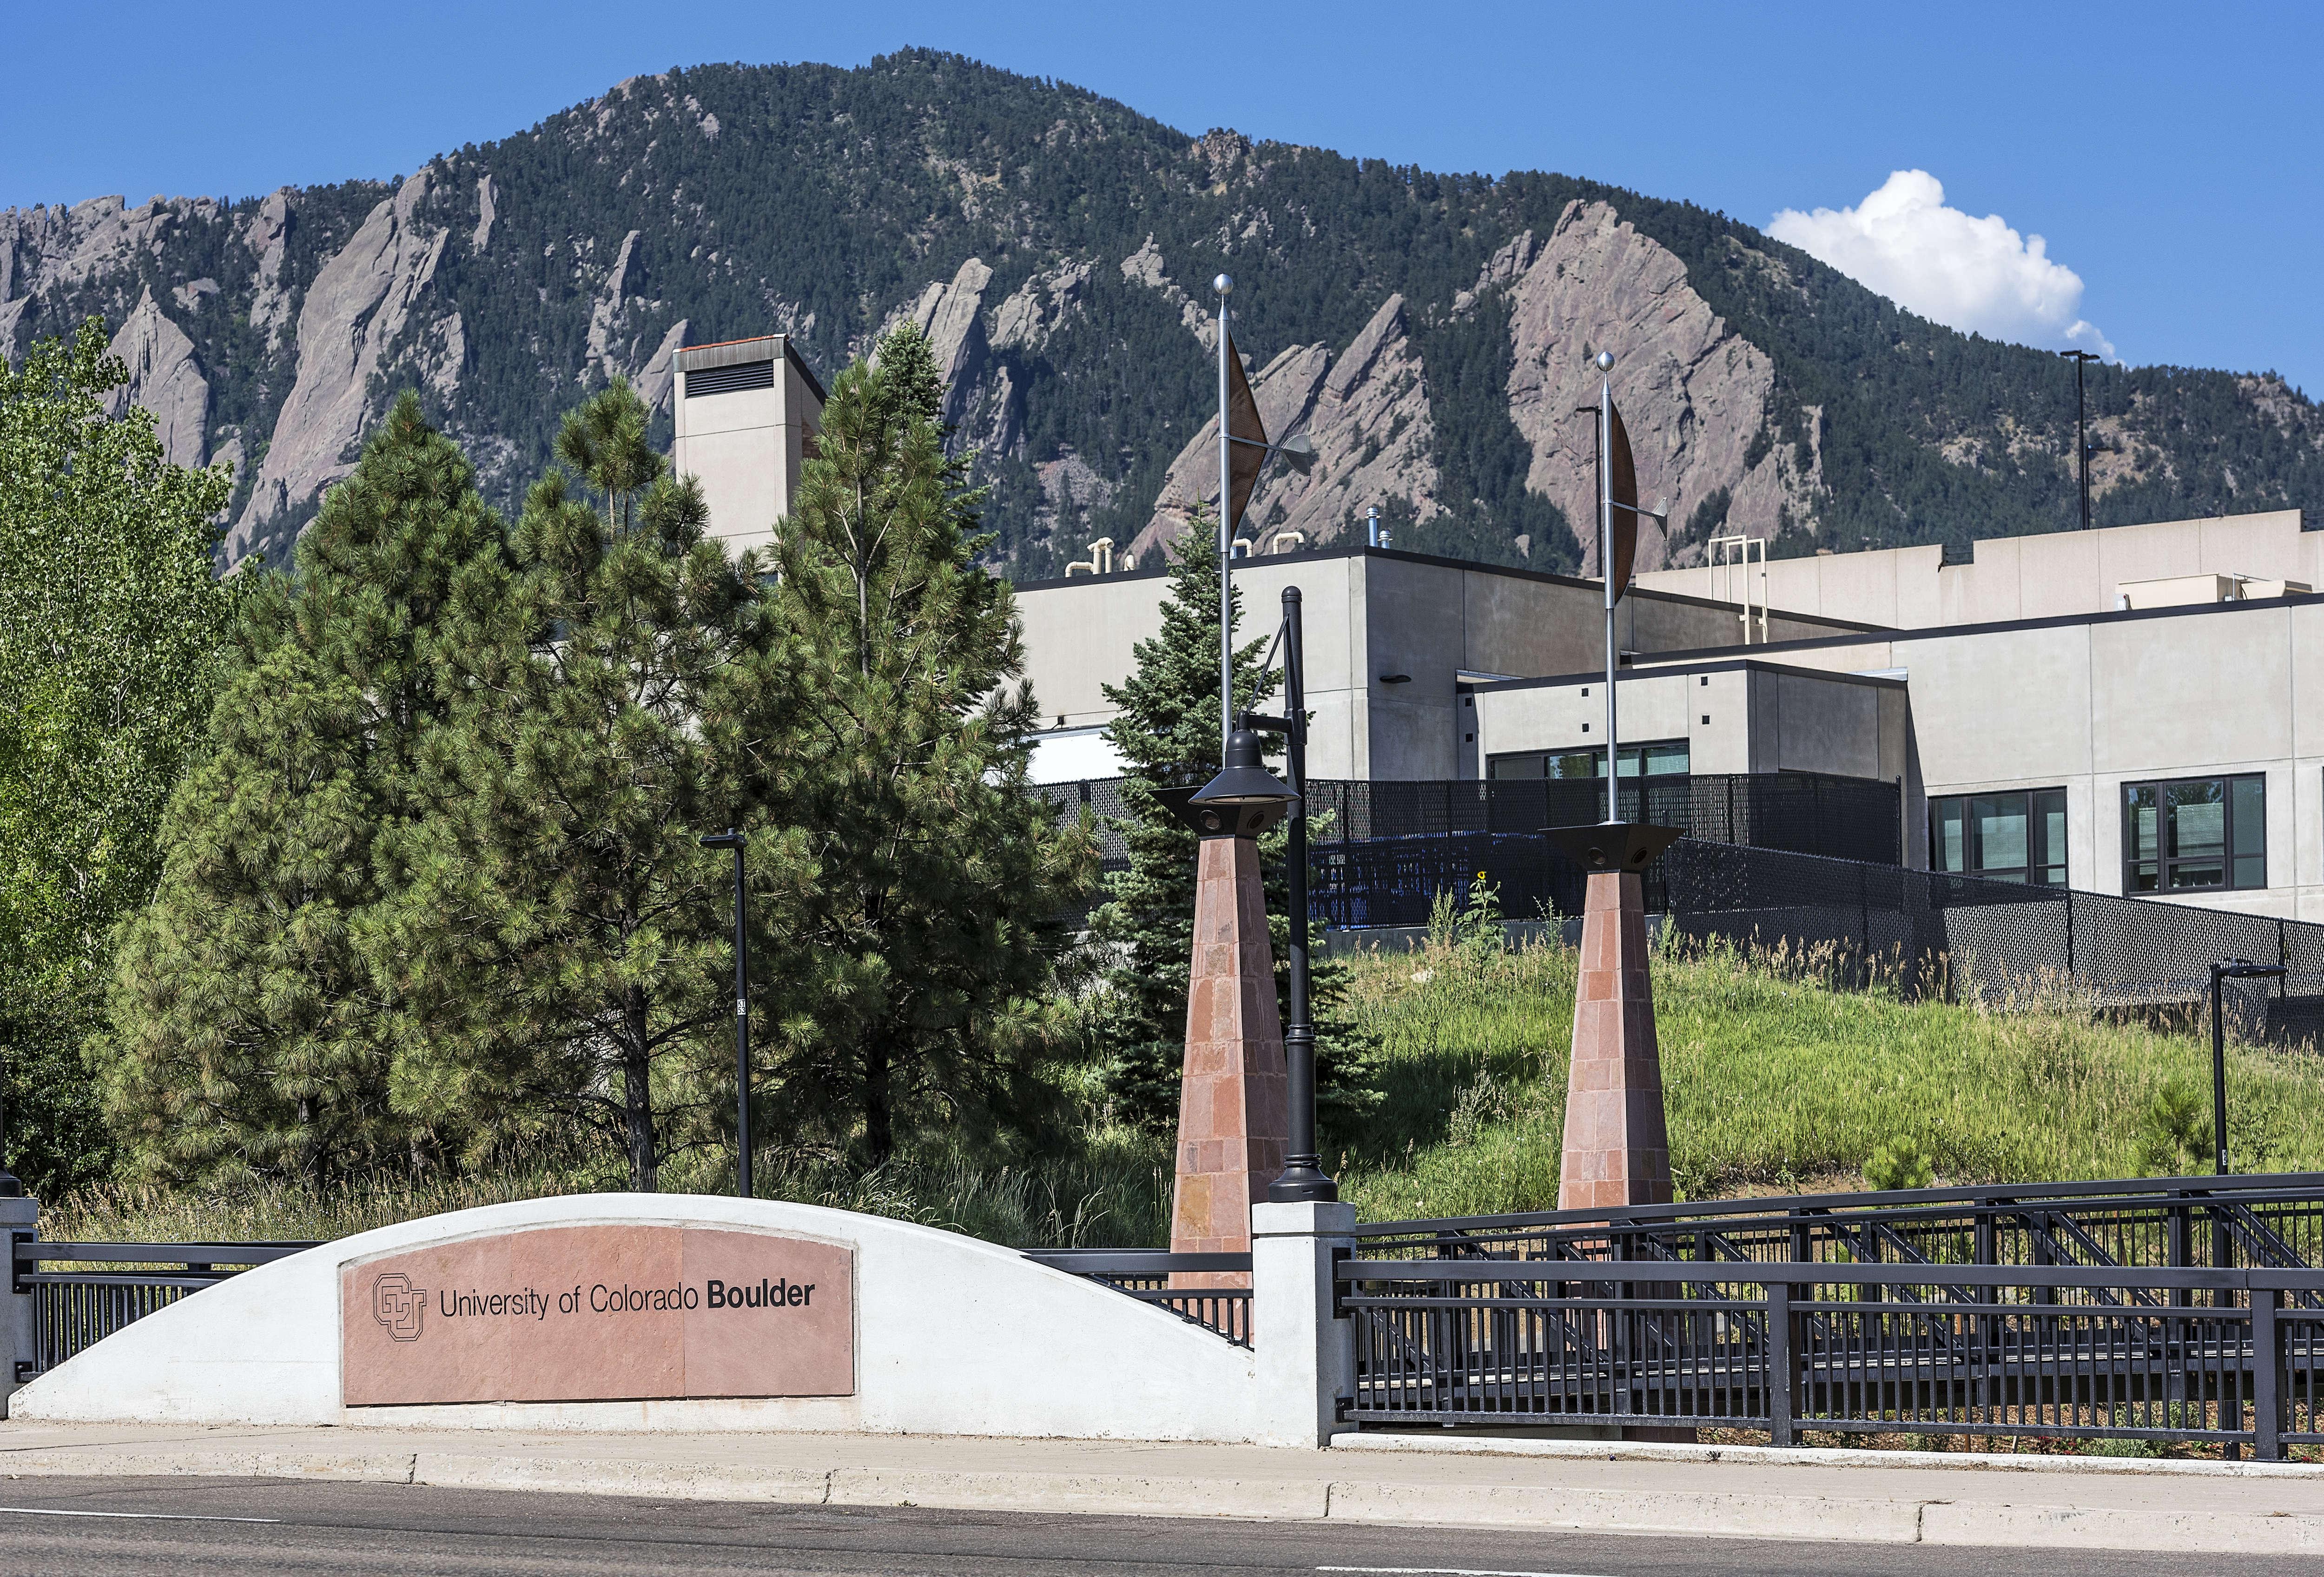 University of Colorado Boulder Campus...